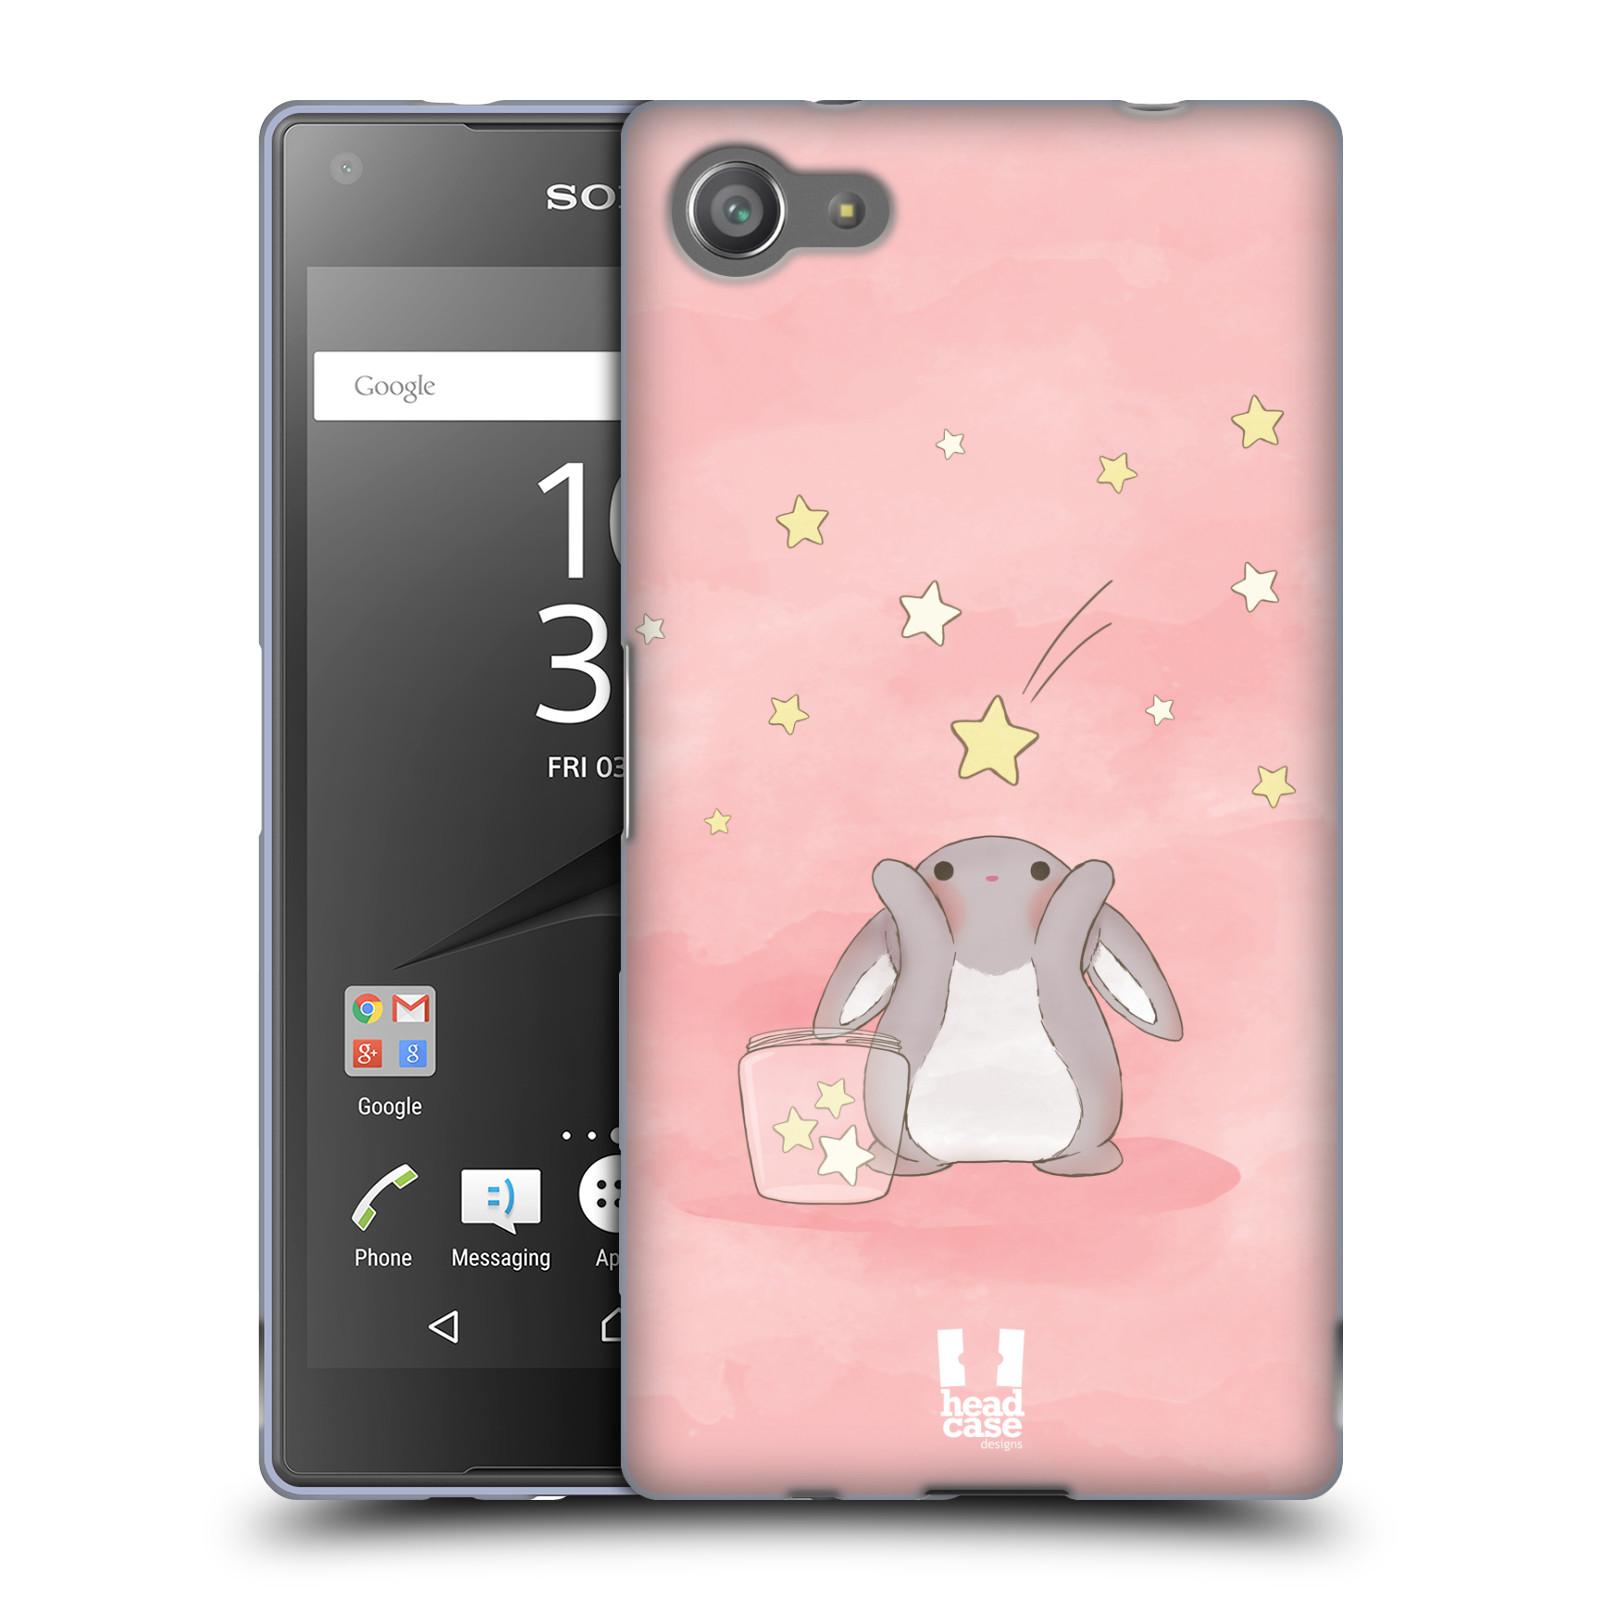 HEAD CASE silikonový obal na mobil Sony Xperia Z5 COMPACT vzor králíček a hvězdy růžová